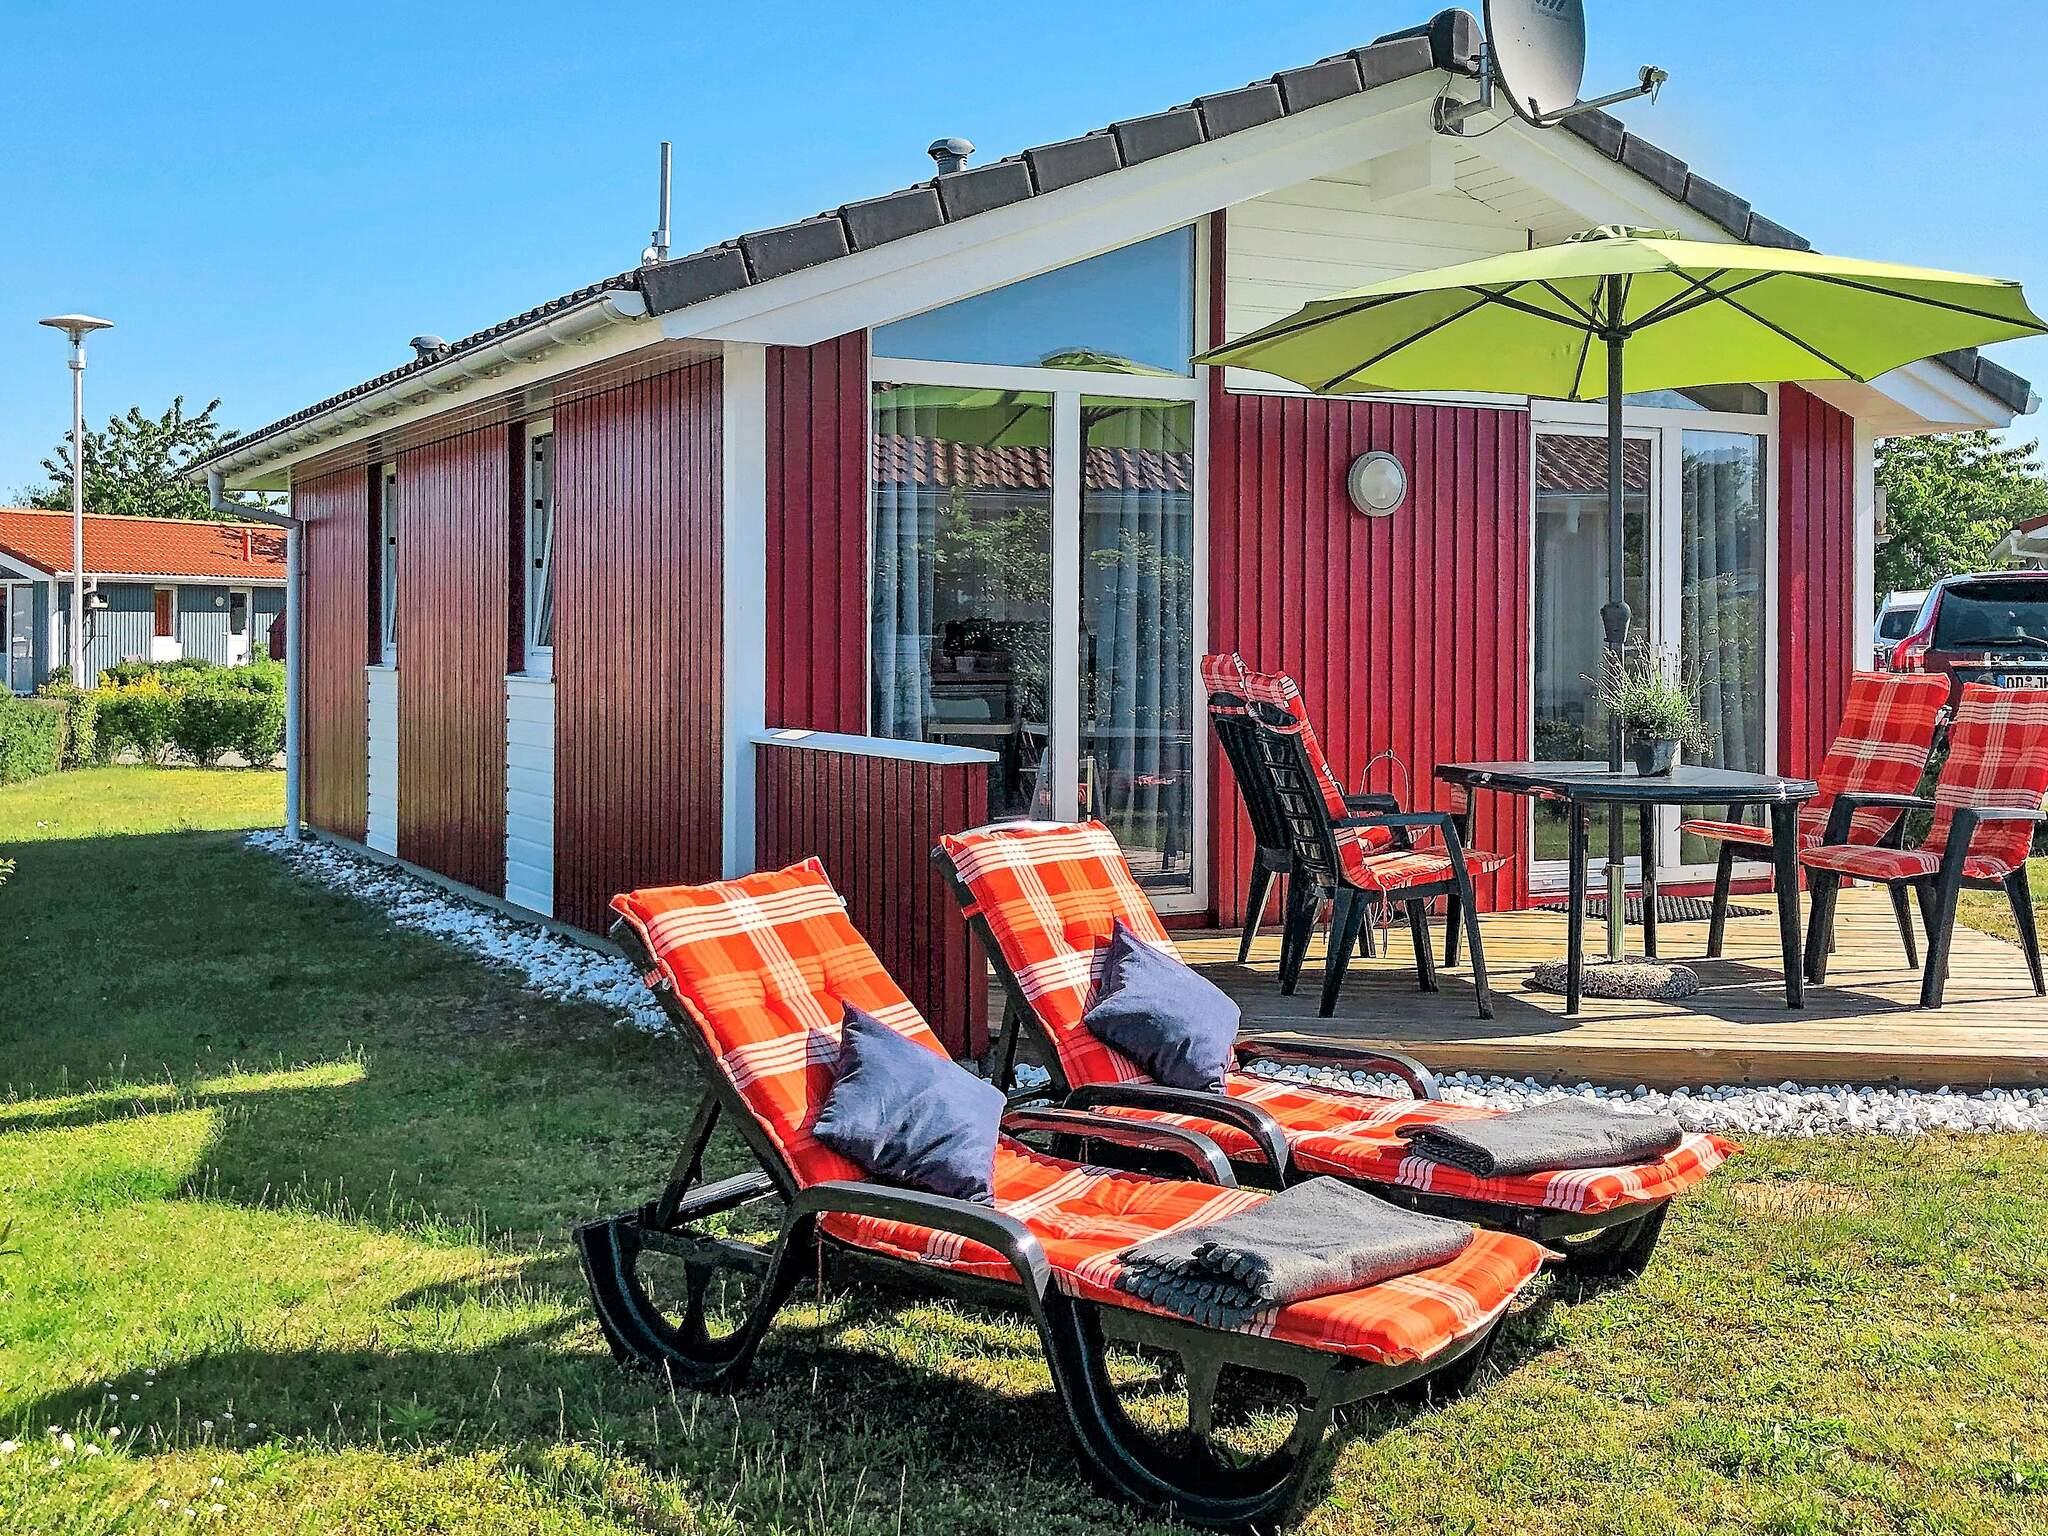 Maison de vacances Grömitz (436443), Grömitz, Baie de Lübeck, Schleswig-Holstein, Allemagne, image 15